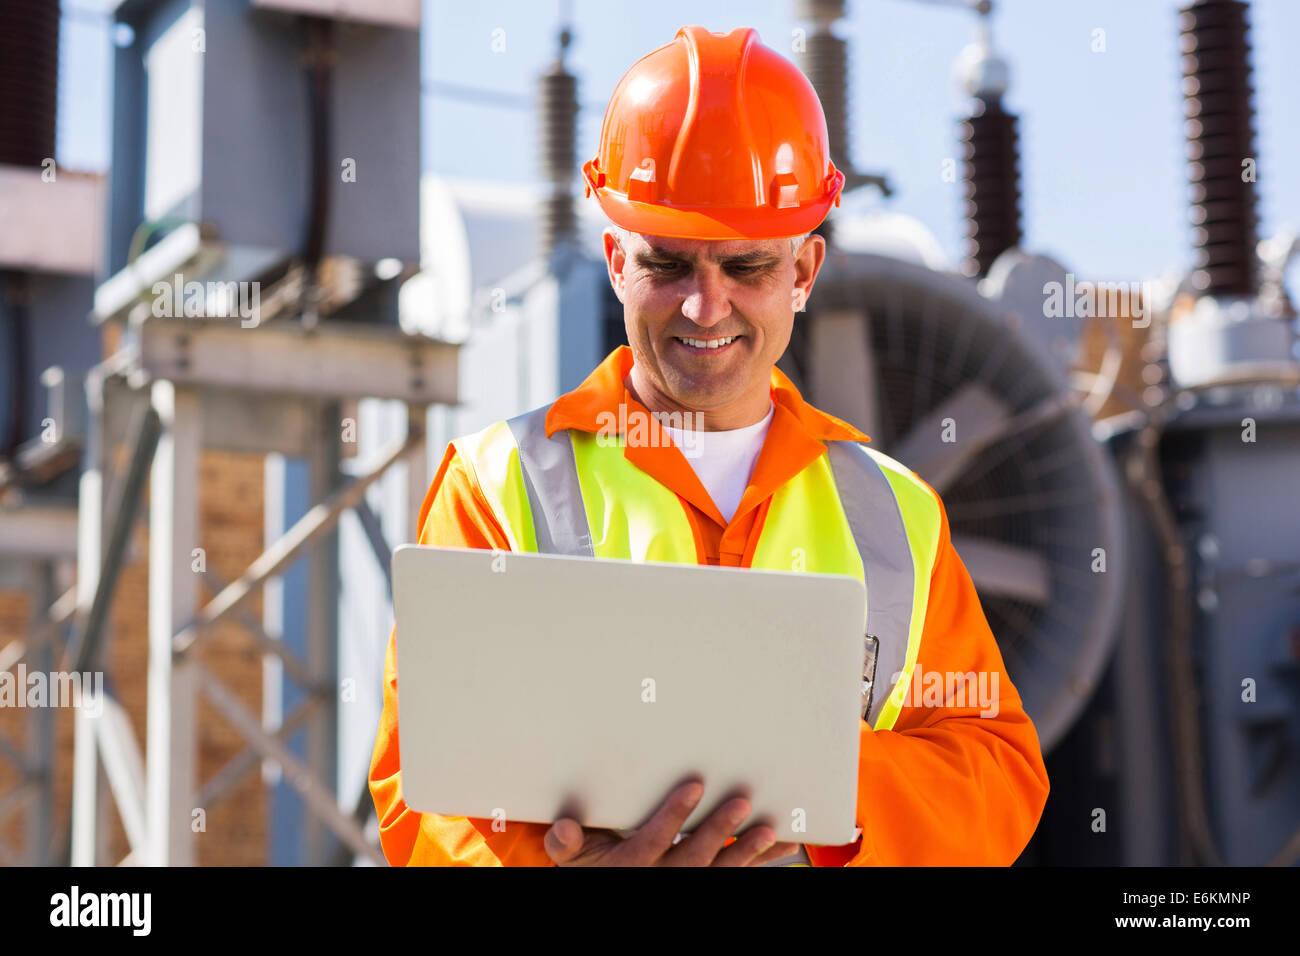 Età media engineer utilizzando il computer portatile in energia elettrica impianto di alimentazione Immagini Stock